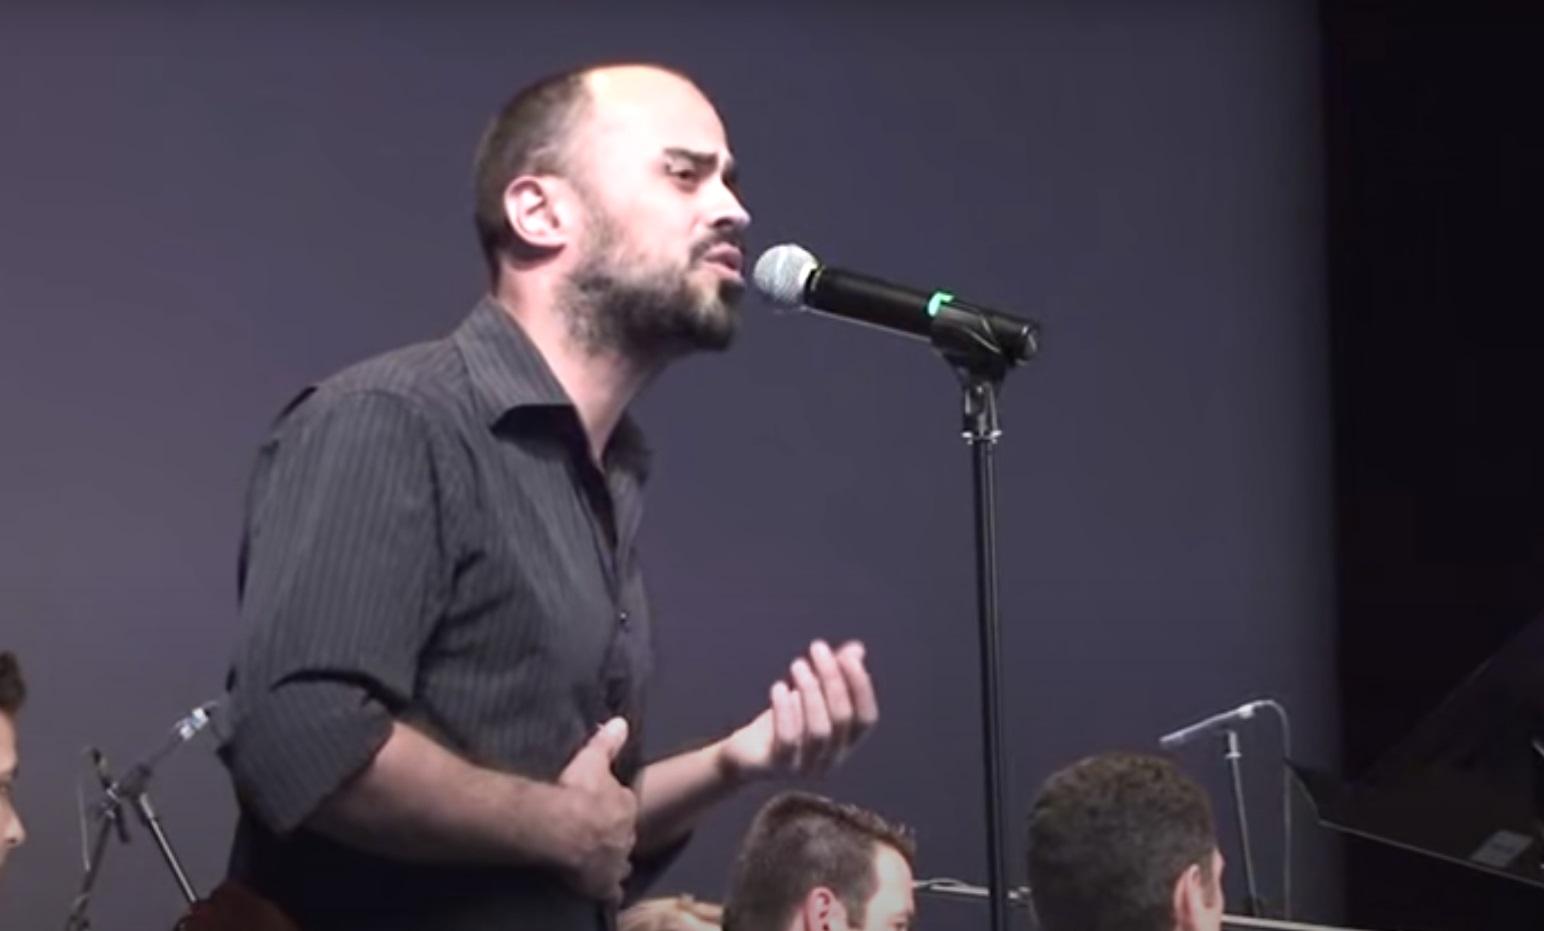 Πέθανε ο τραγουδιστής Δημήτρης Σαμαρτζής